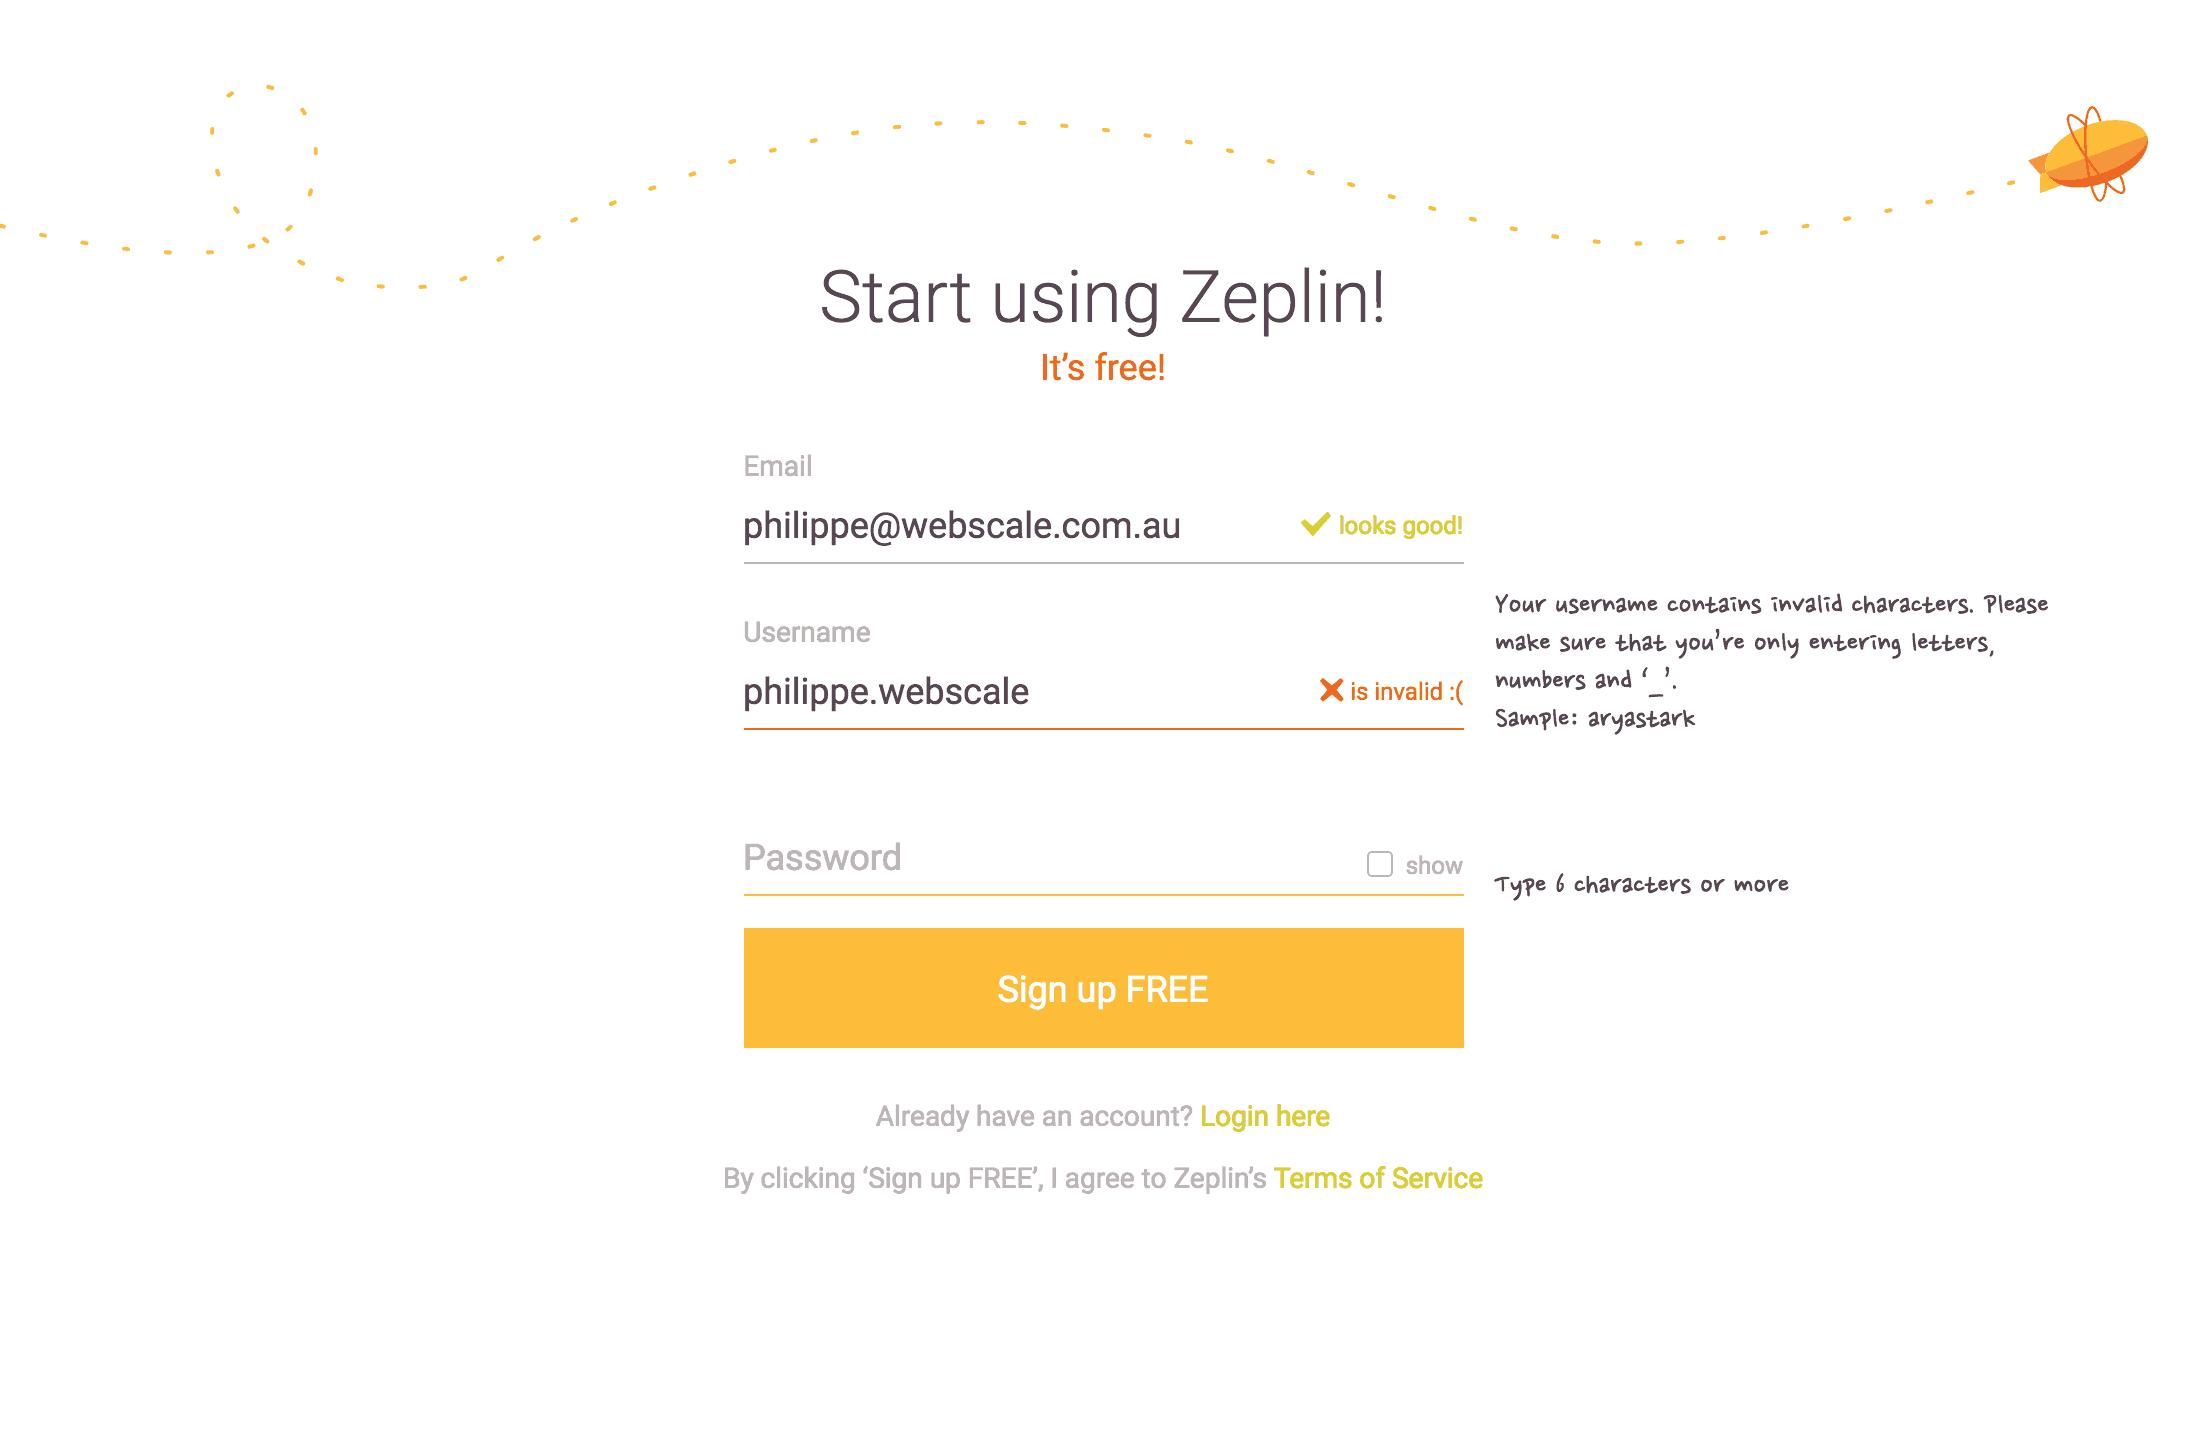 Zeplin-Login Error